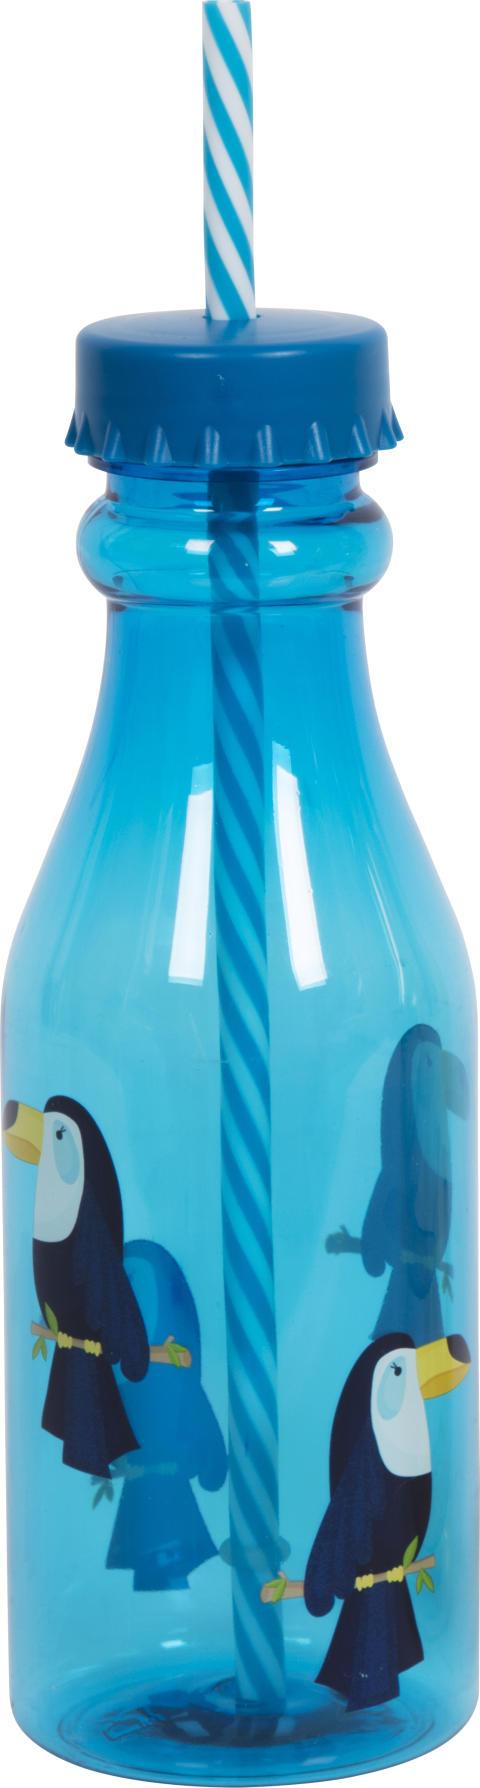 Nille - plastflaske med sugerør